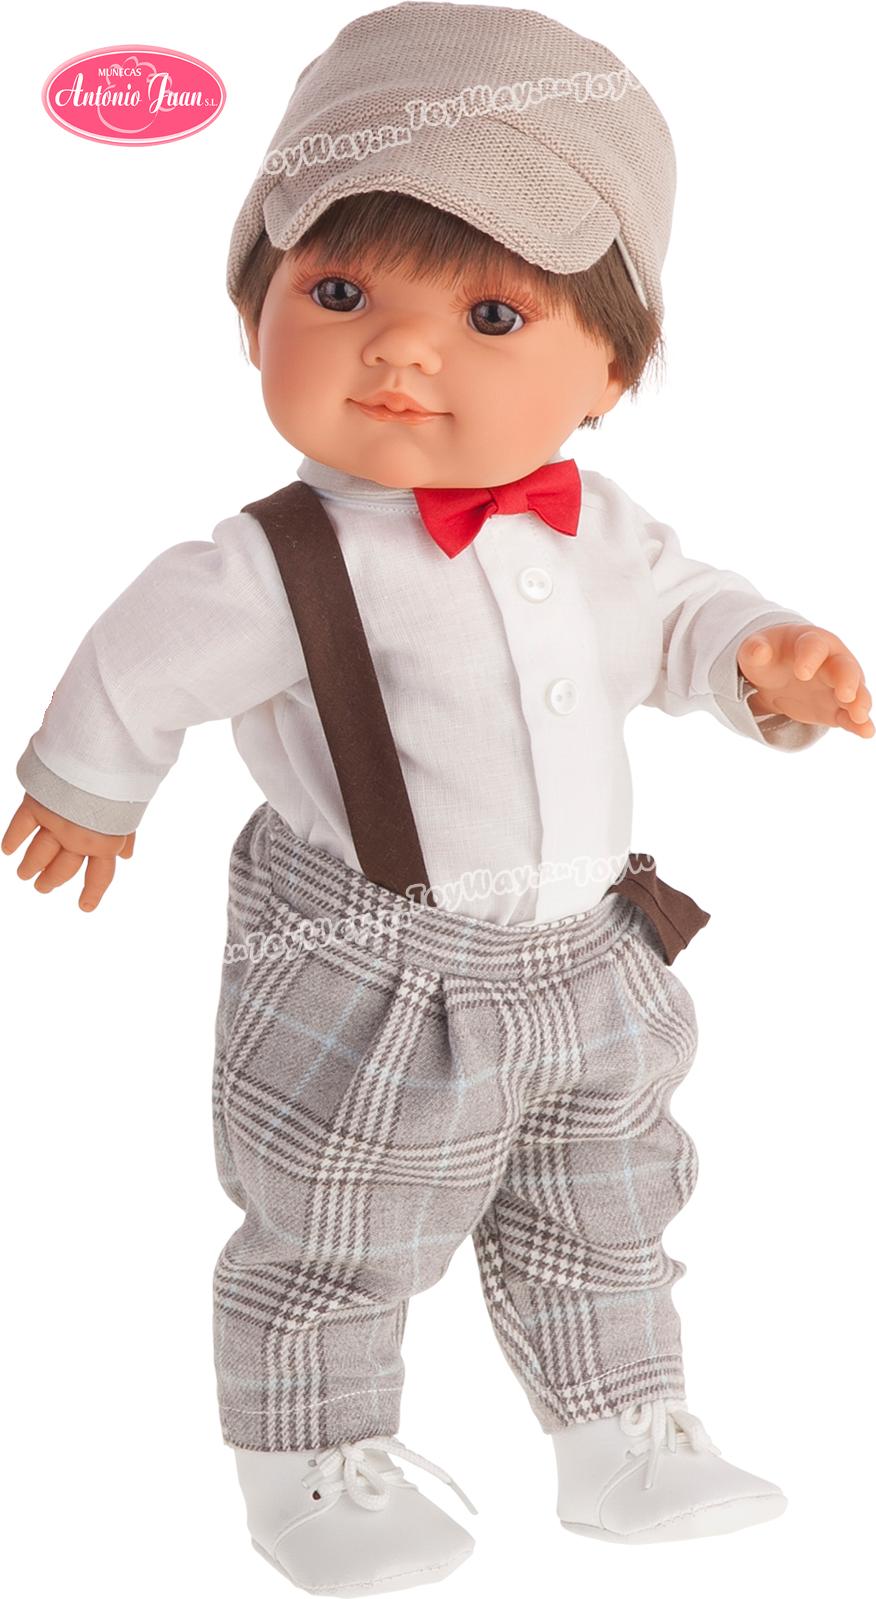 Купить Кукла Фернандо, 38 см., Antonio Juans Munecas